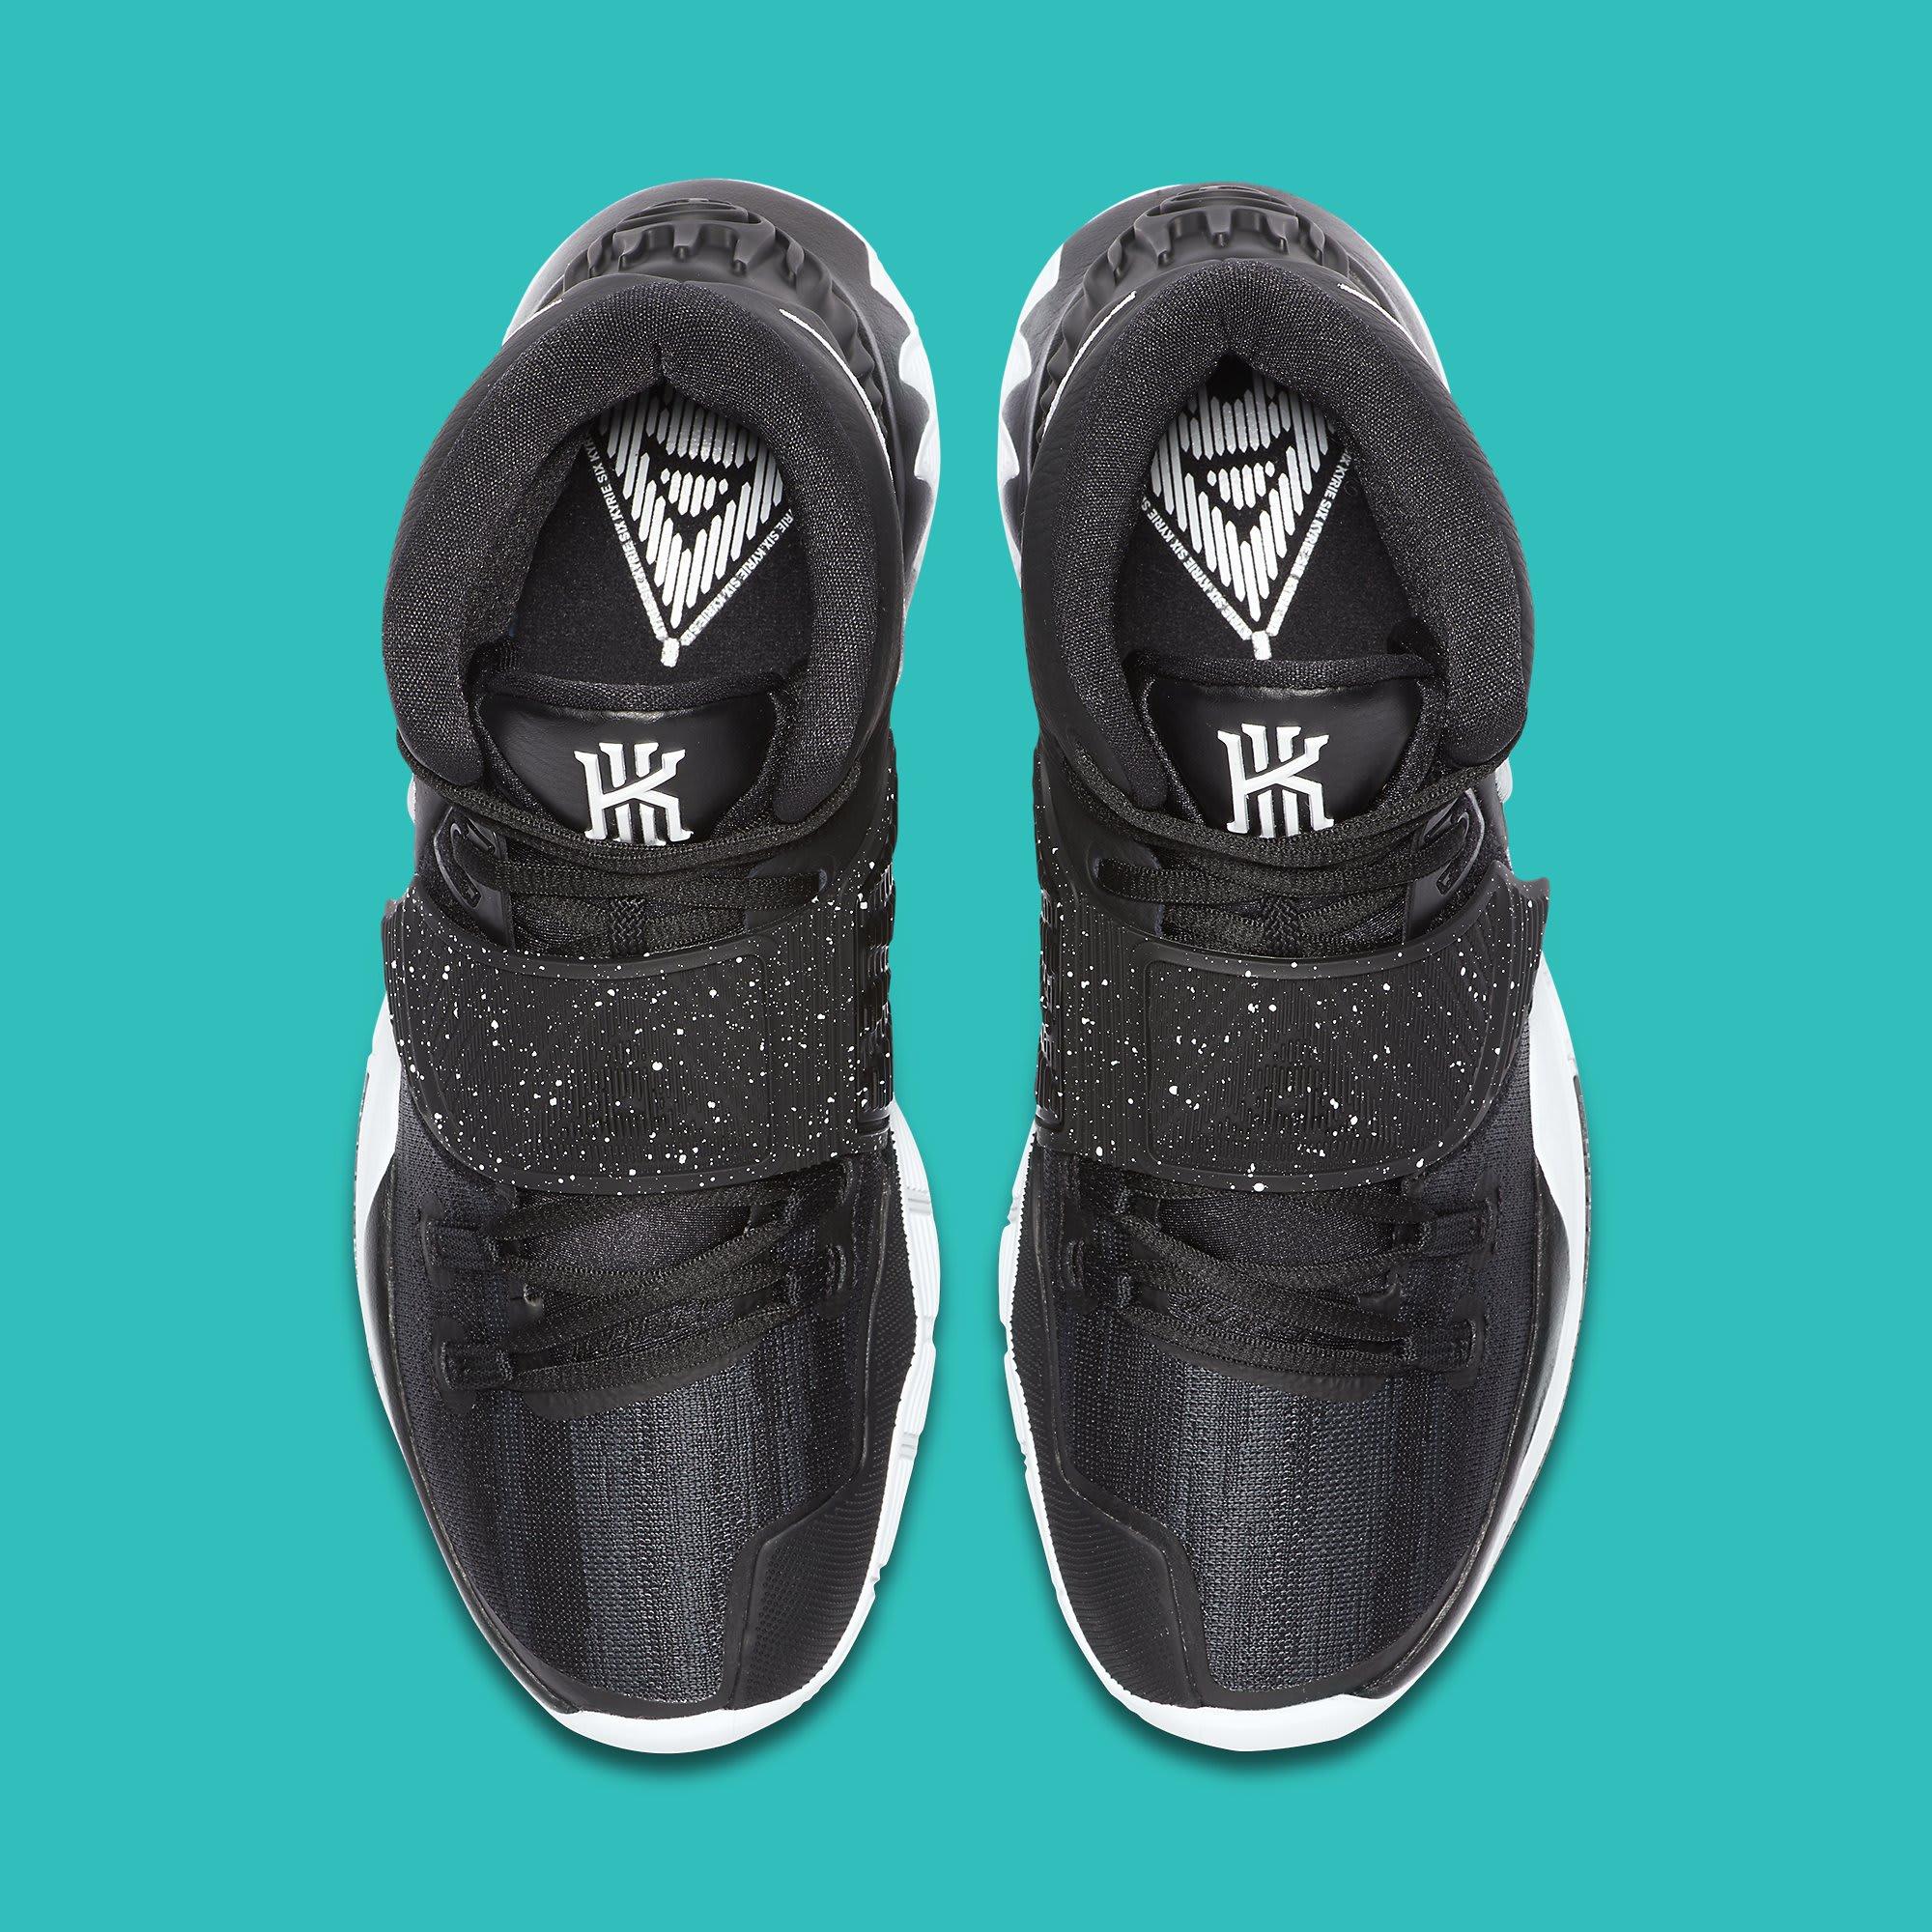 Nike Kyrie 6 Black White Data de lançamento BQ4630-001 Top